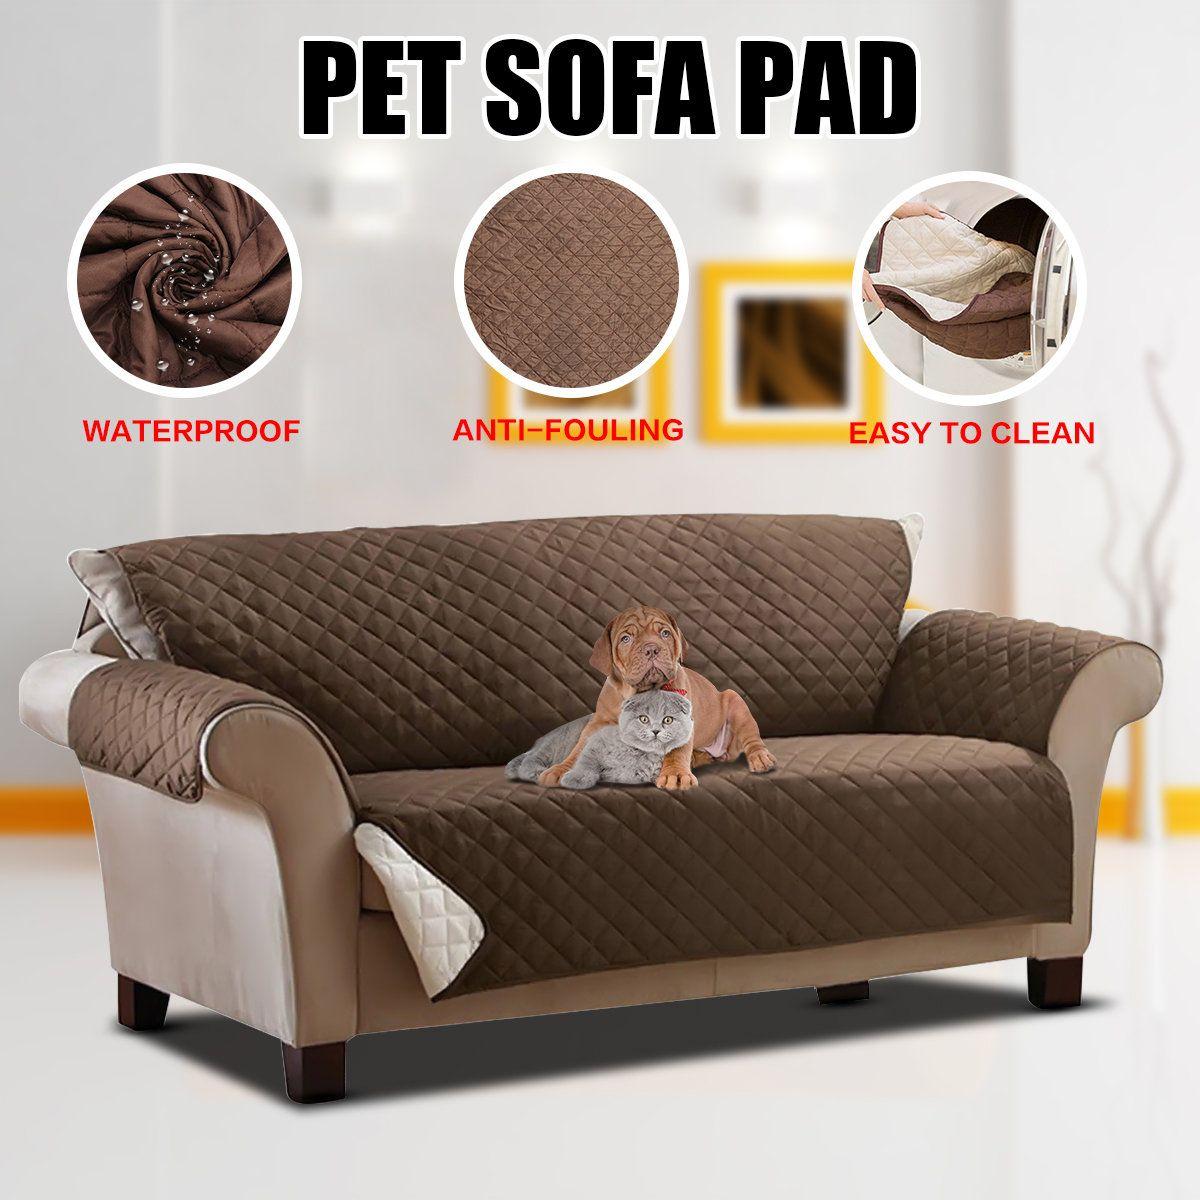 Pet Dog Couch Loveseat Sofa Cushion Pad Furniture Antifouling Protector Cover Waterproof Capa De Sofa Capa Pra Sofa Tapetes